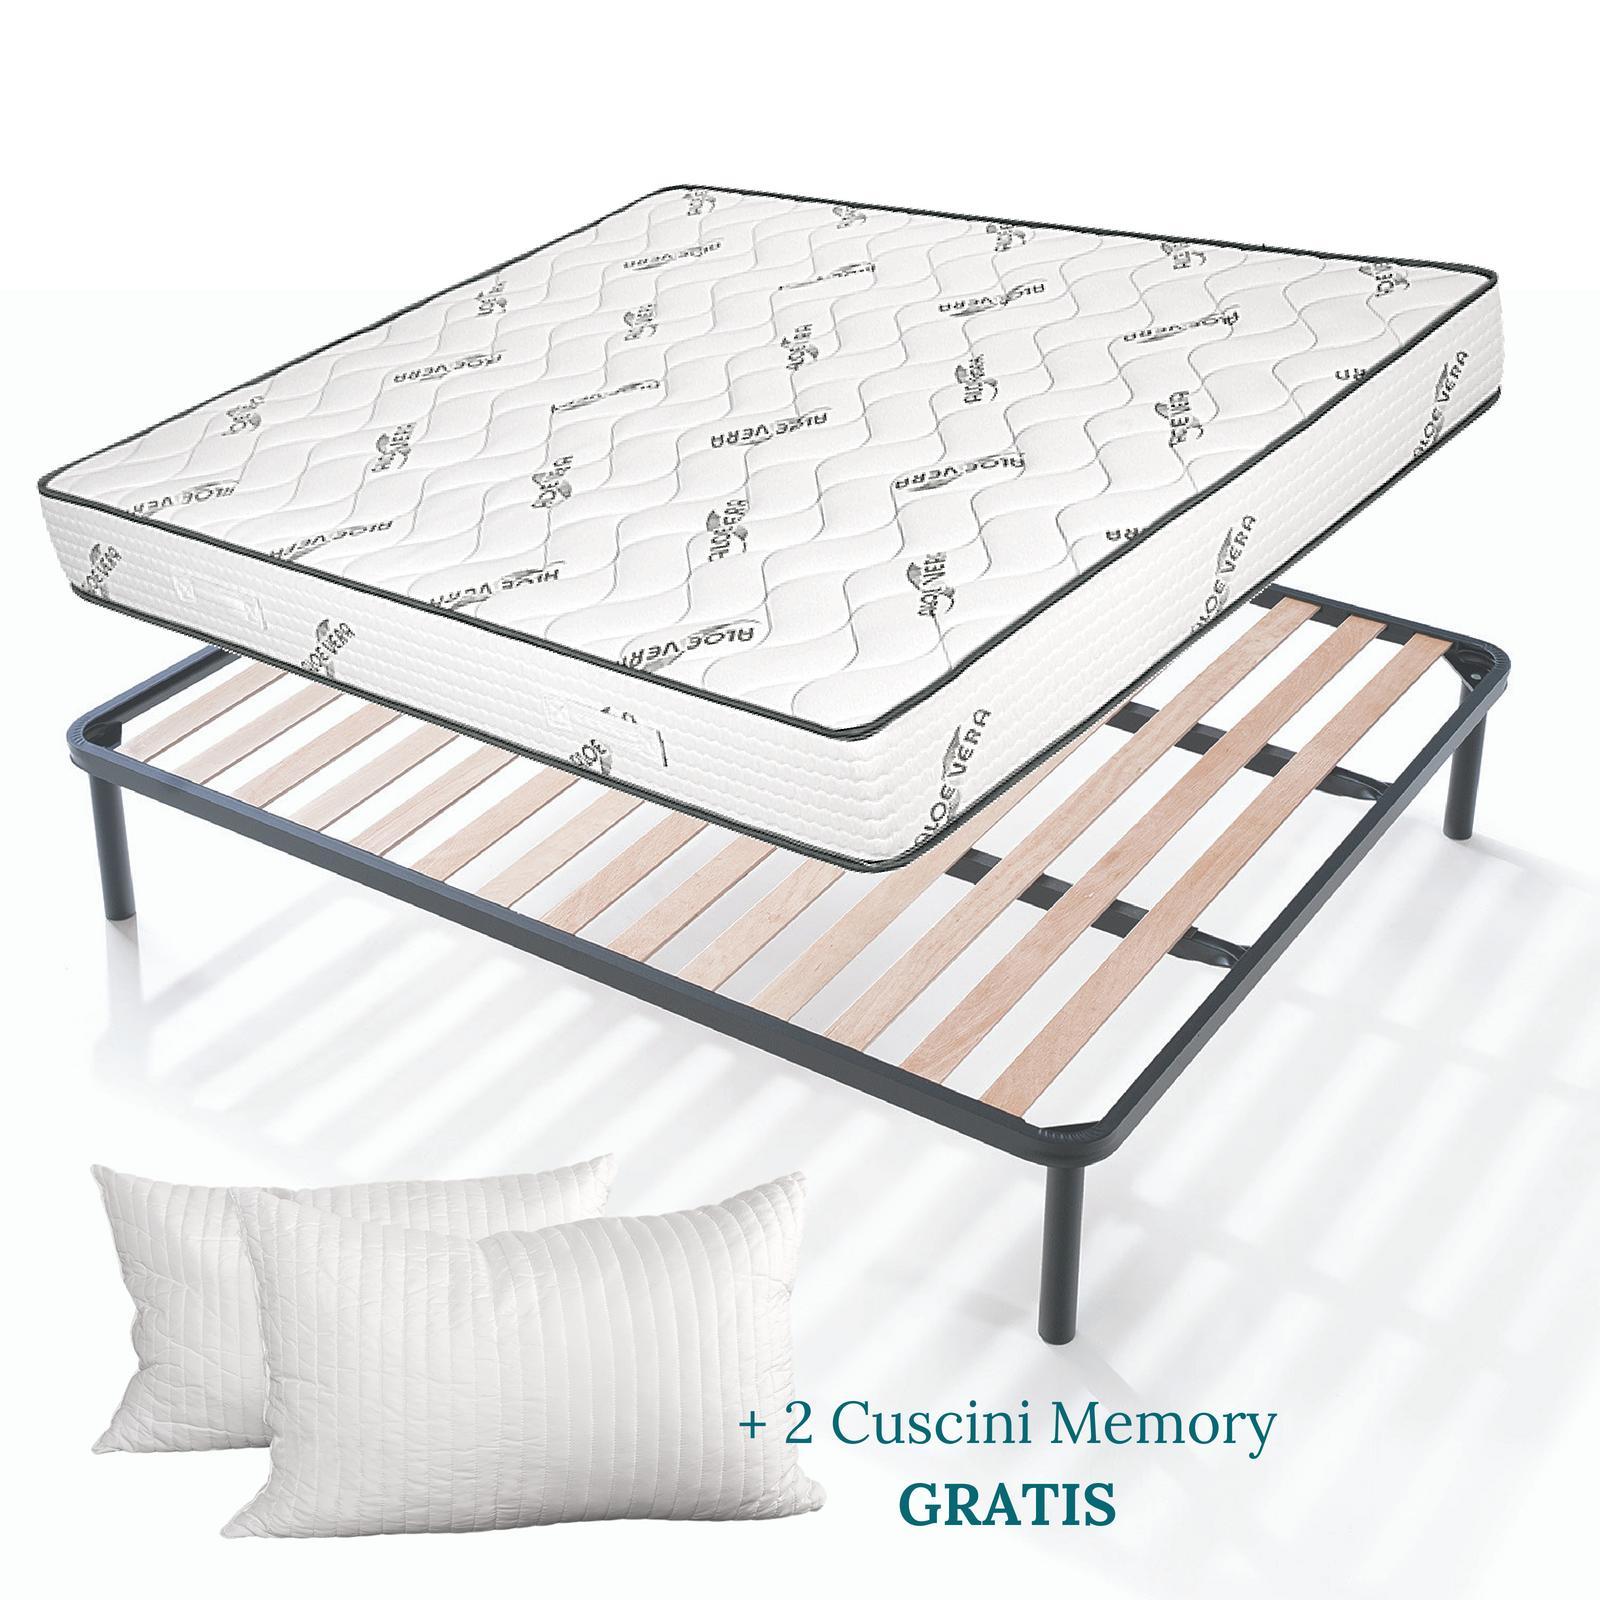 Kit rete e materasso aloe alto 20 cm con cuscini memory foam gratis - Divano letto con materasso alto 20 cm ...